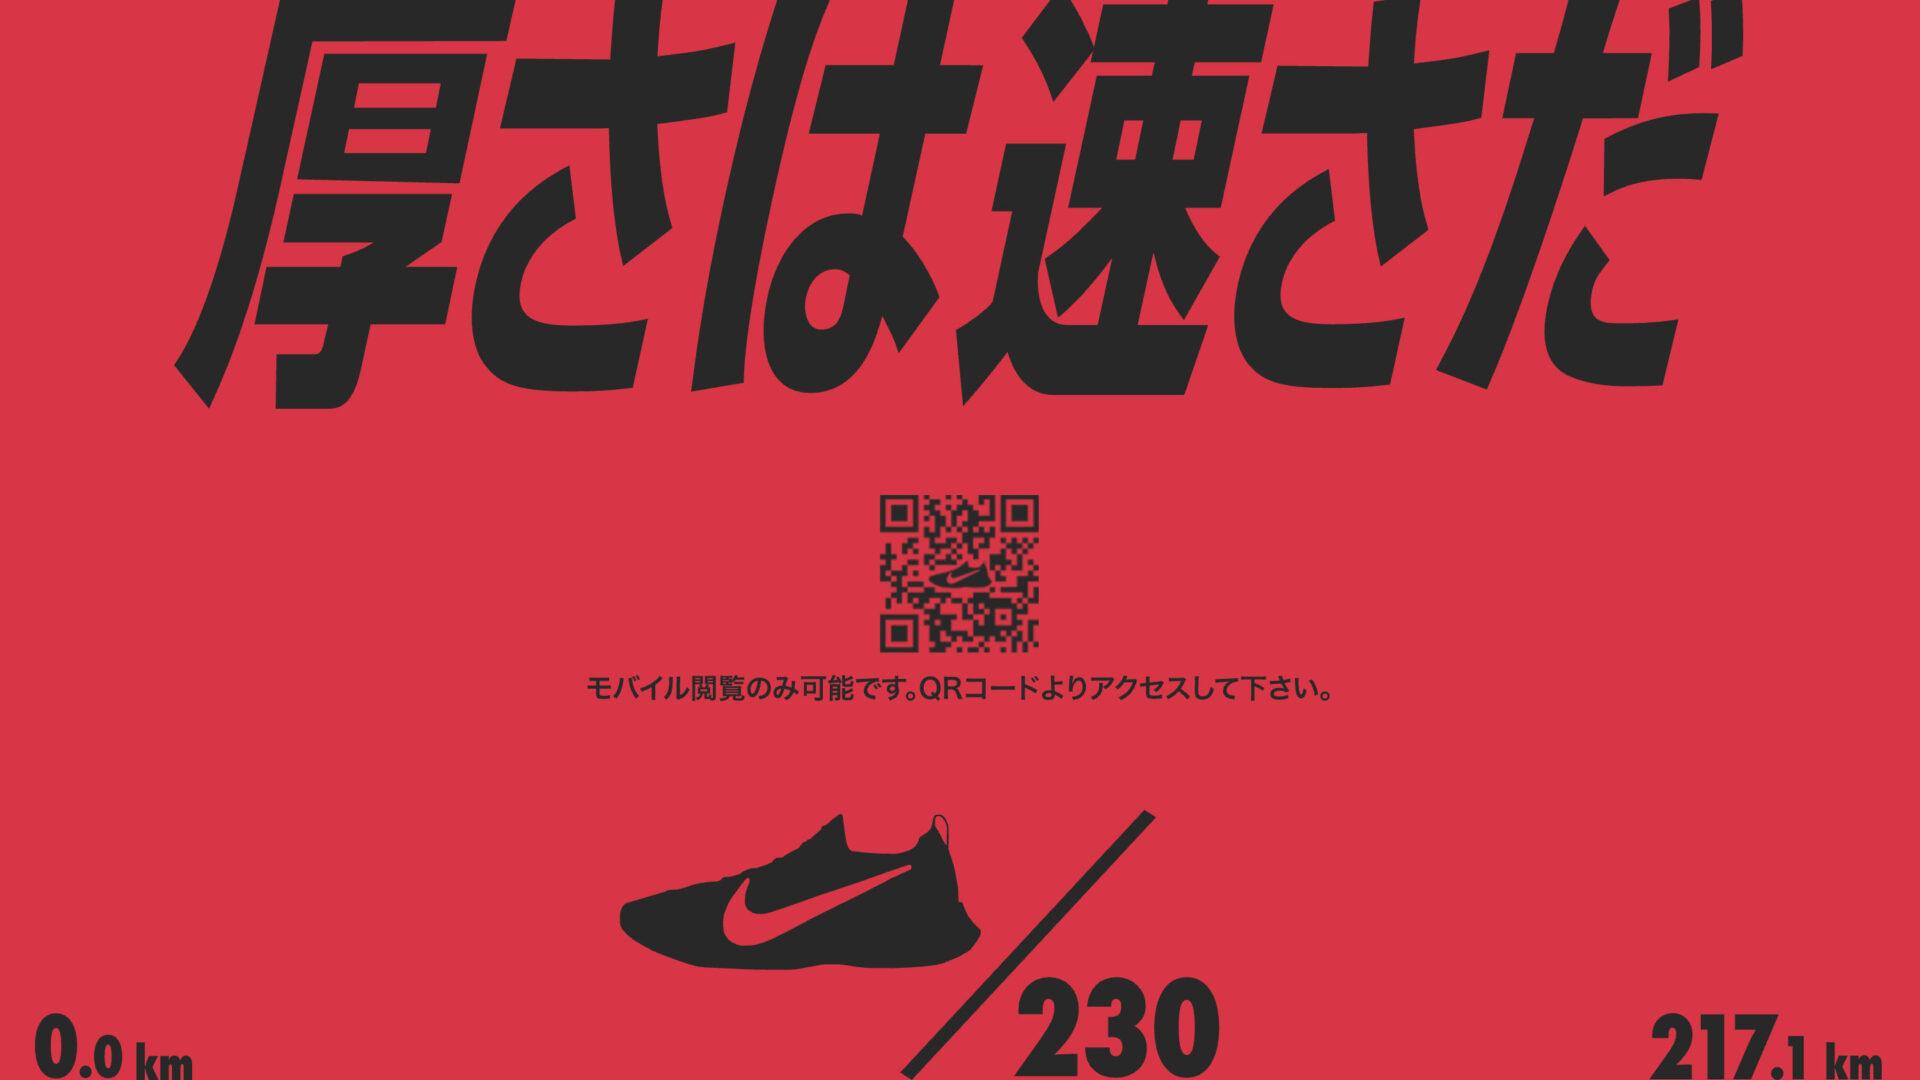 箱根駅伝ランナーにおいてもナイキのランニングシューズシェアは相当なレベルの模様